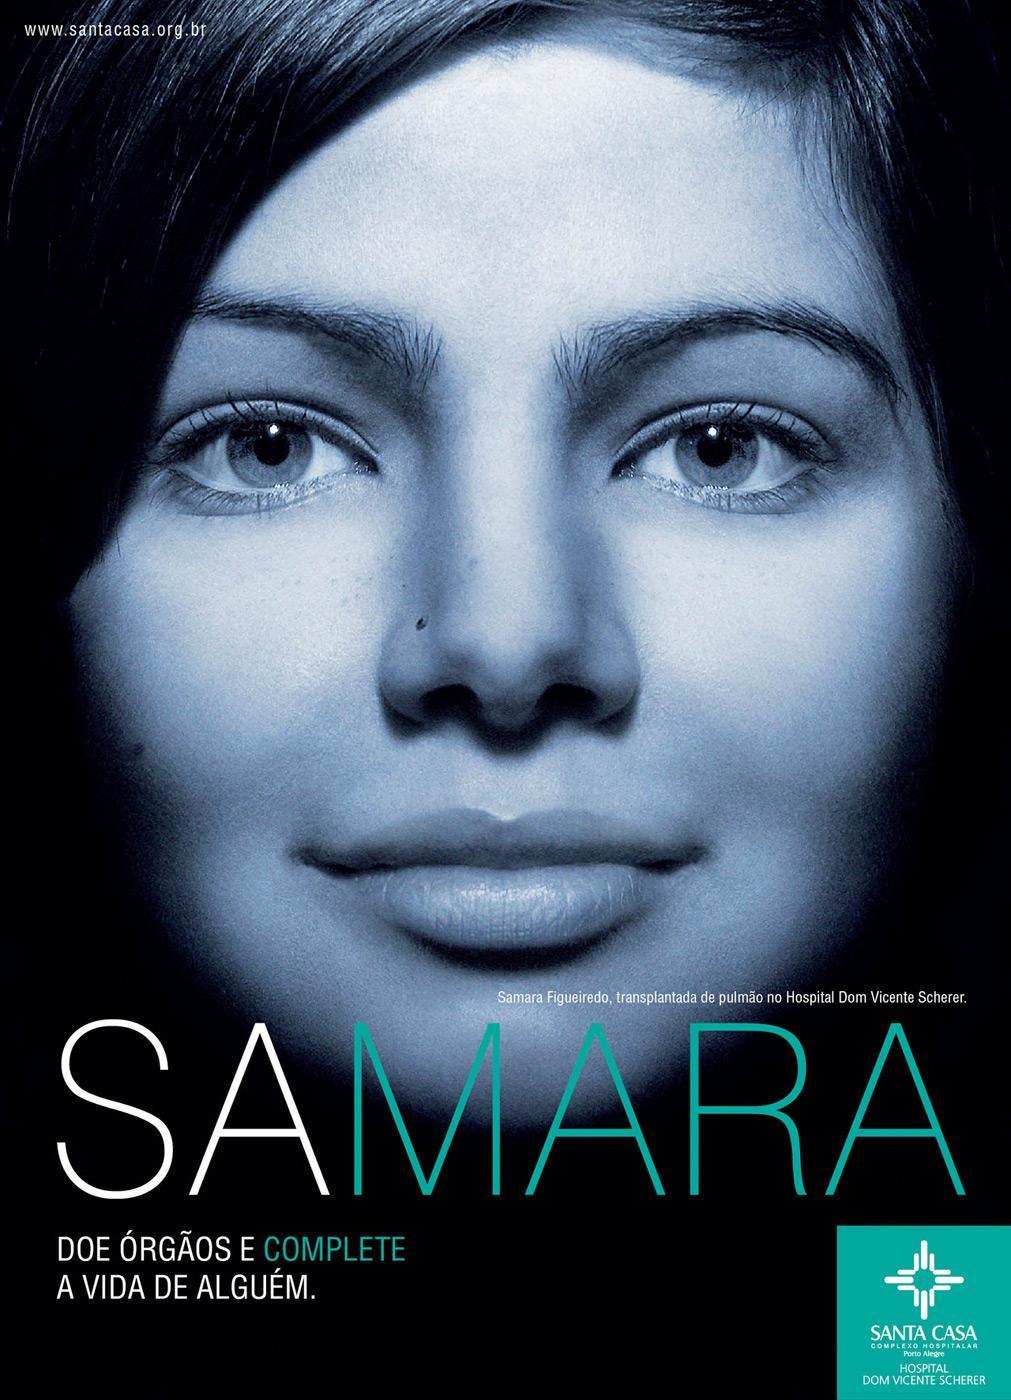 Santa Casa Print Ad -  Samara